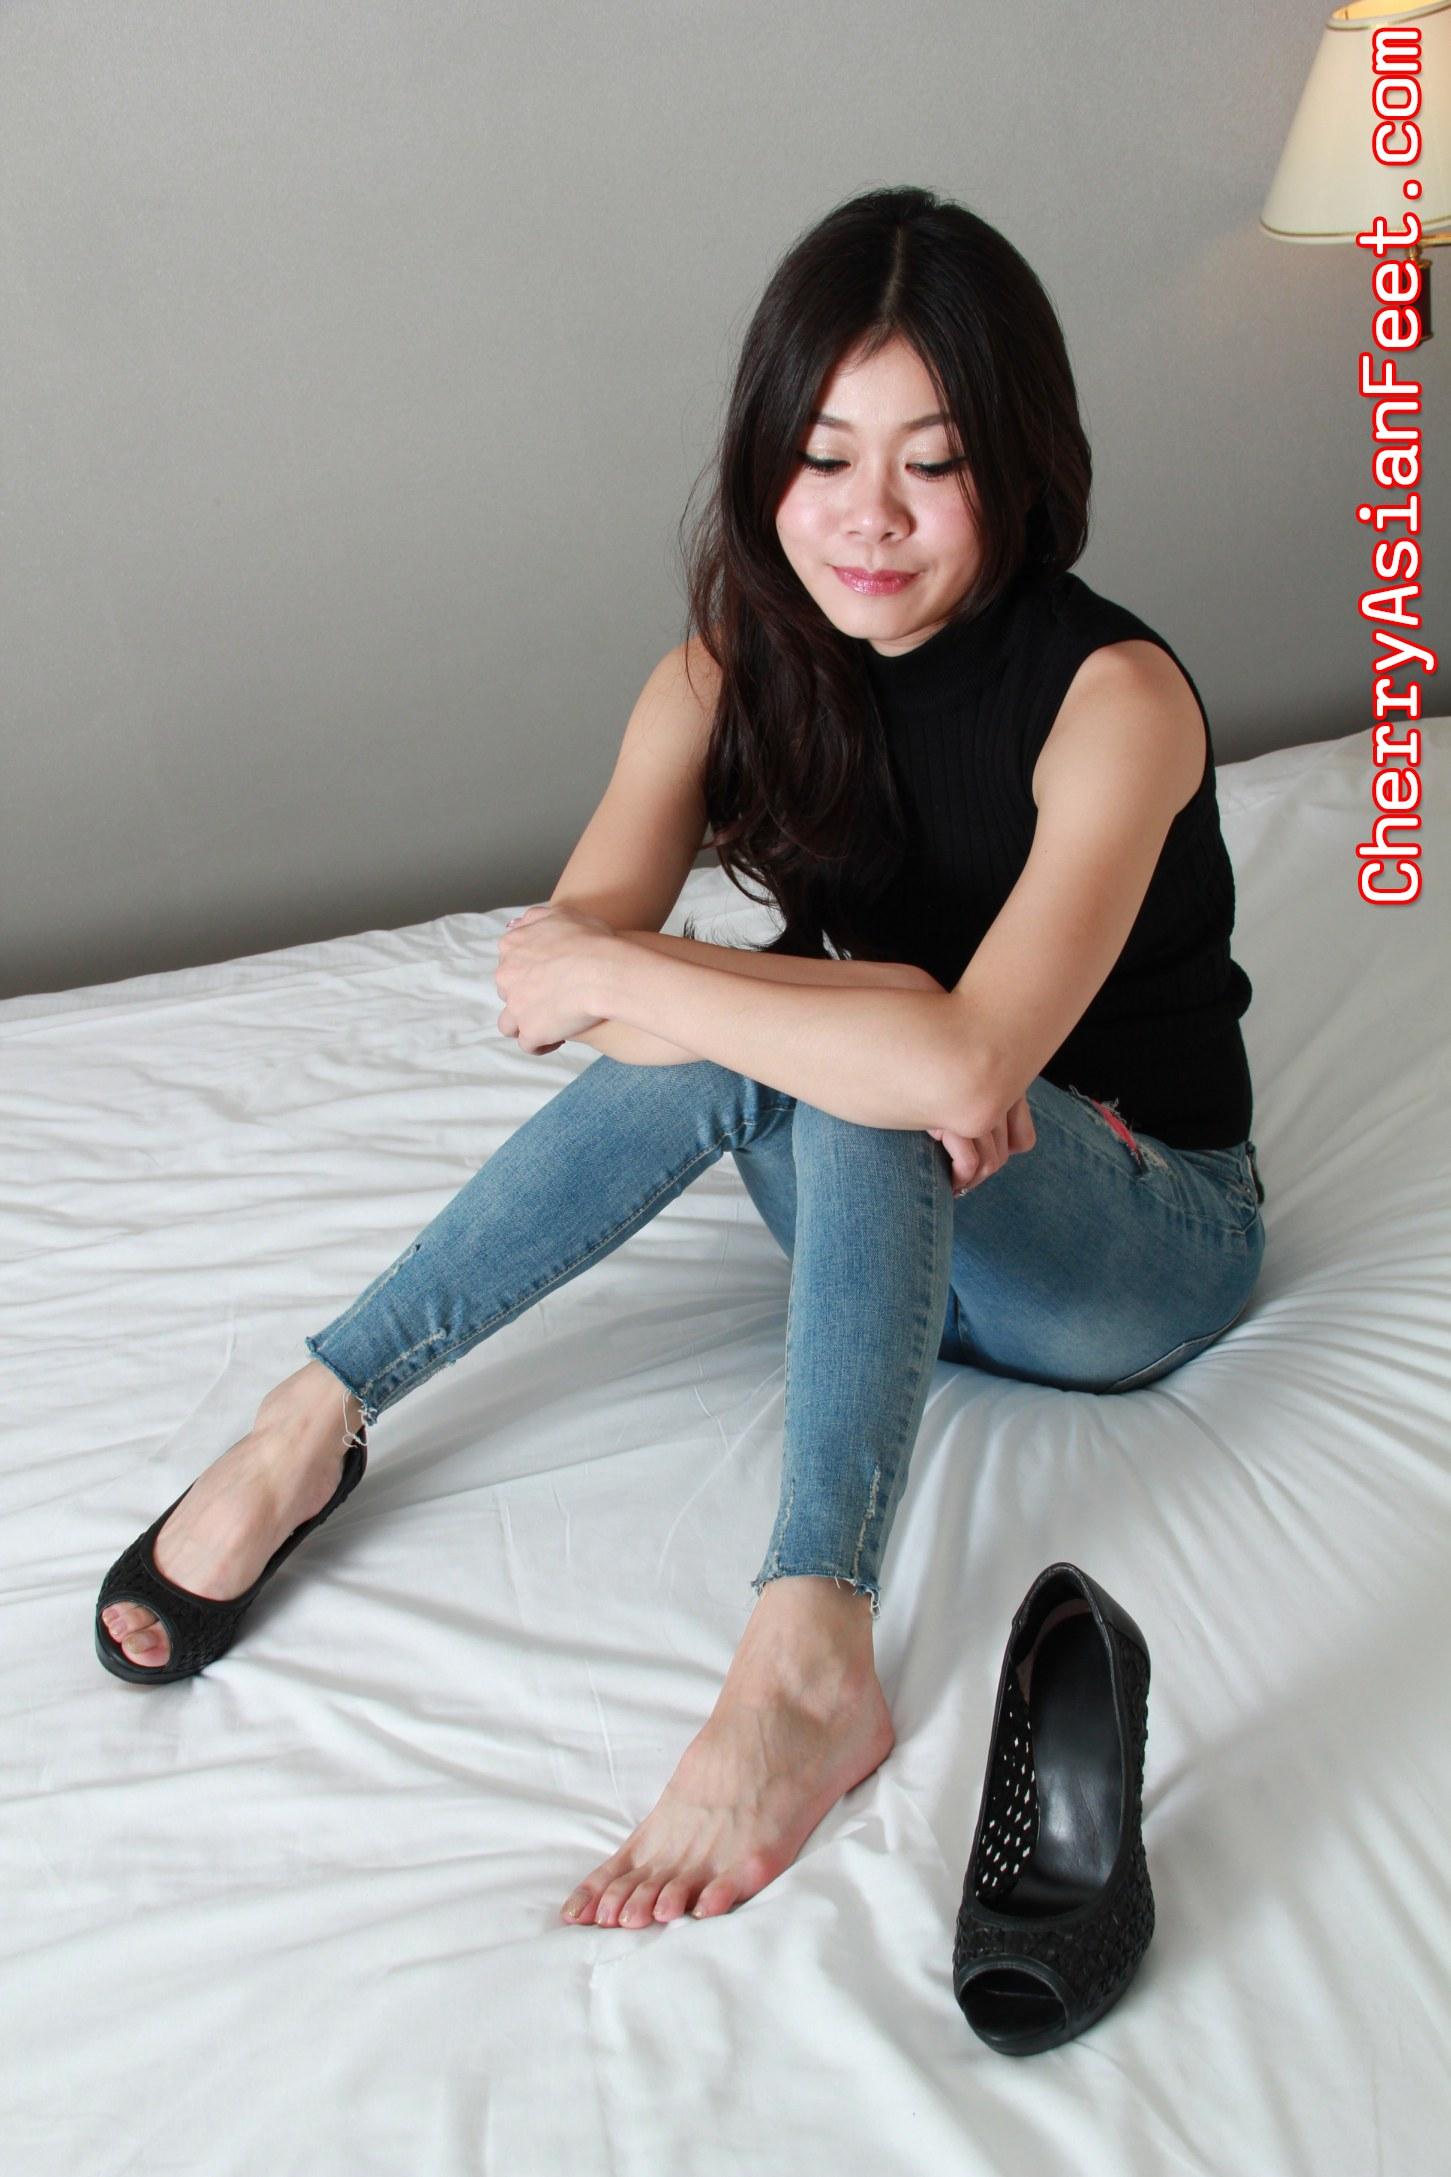 Cherry asian feet kiki